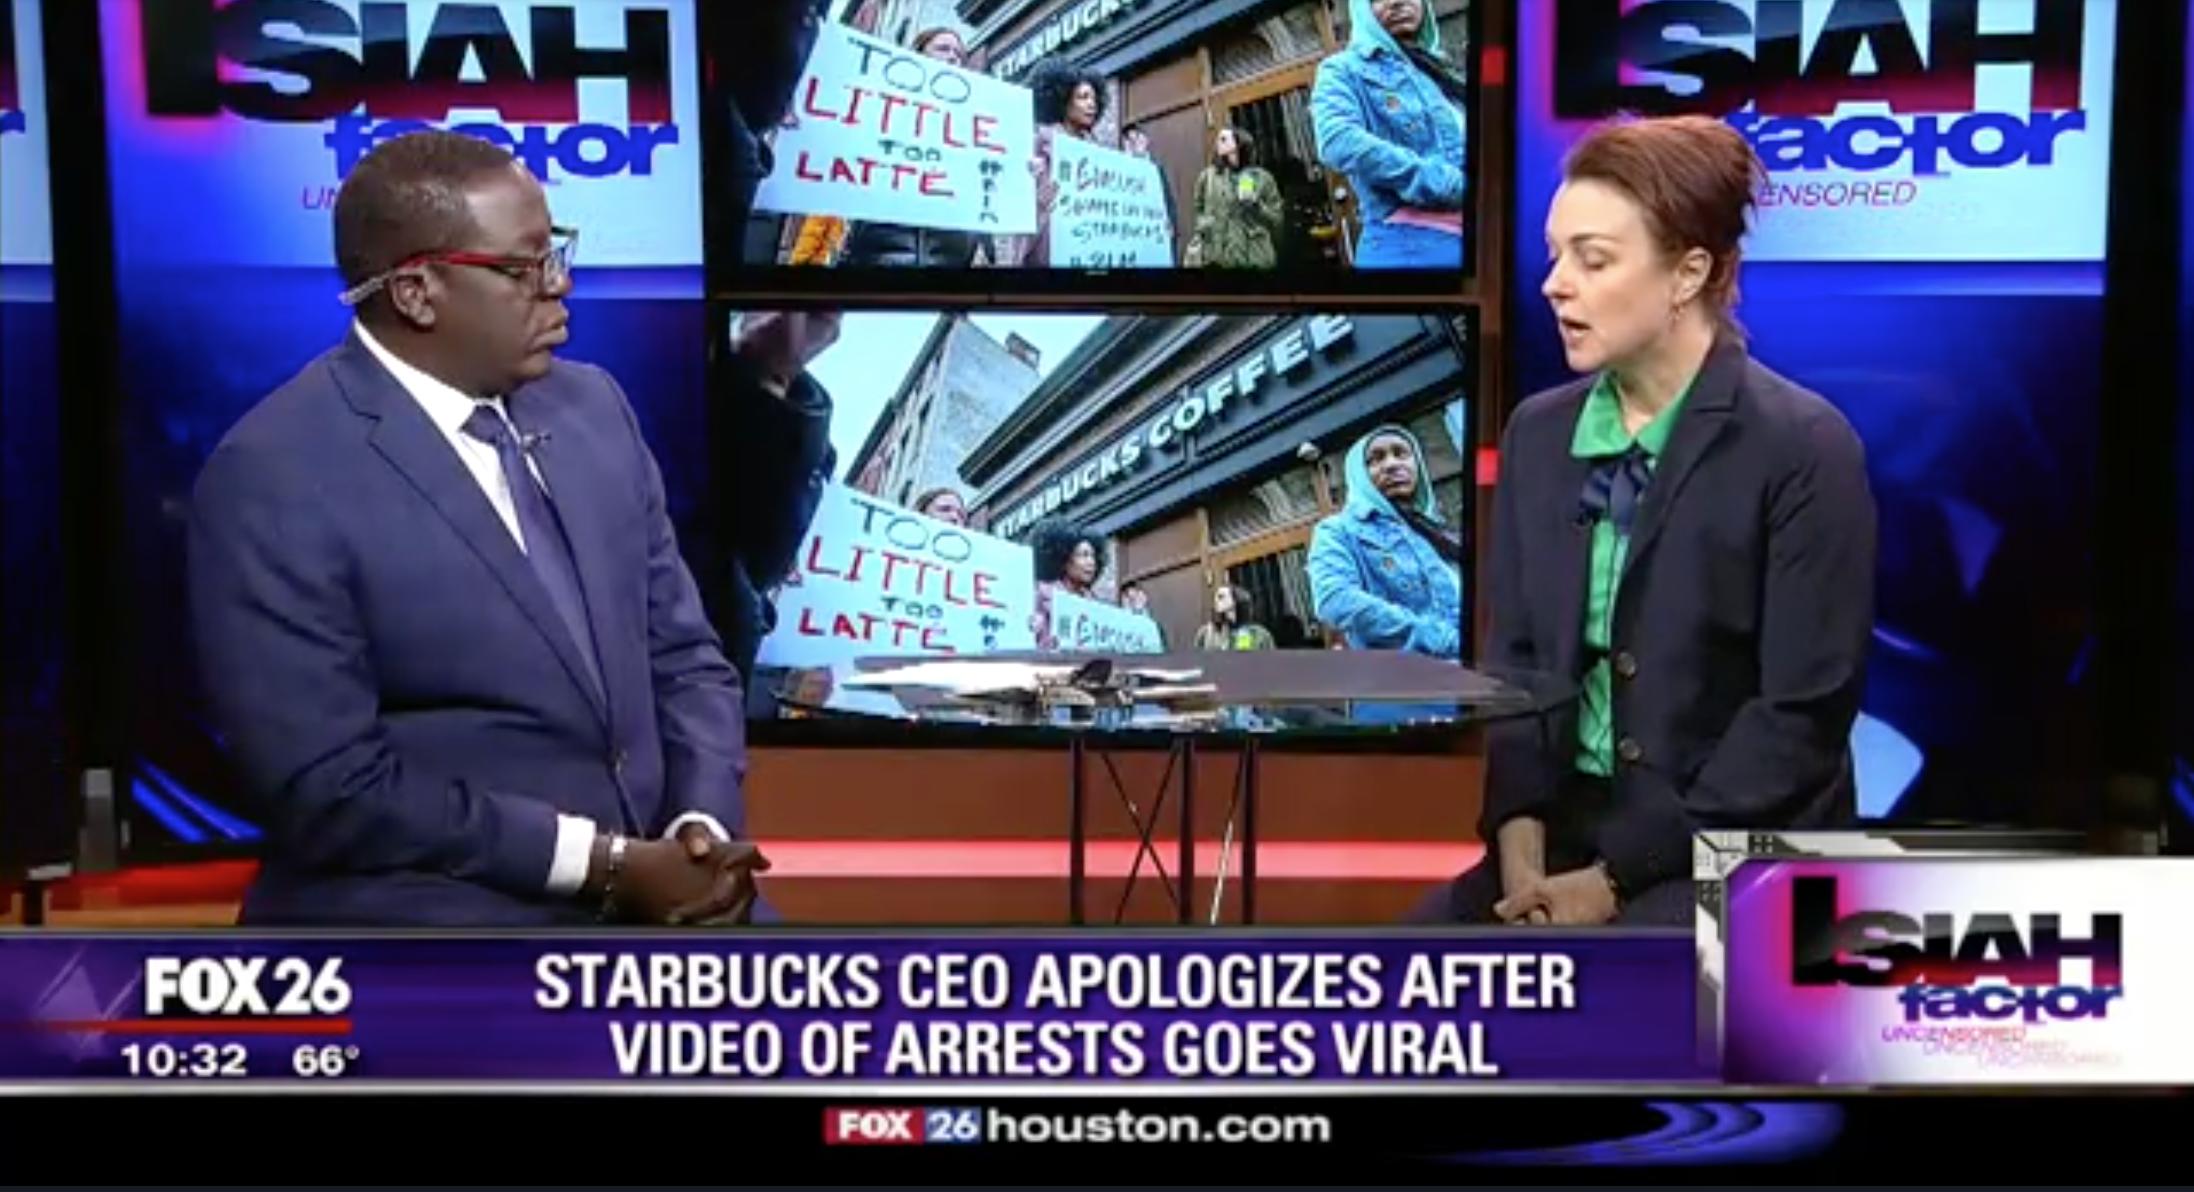 Two Black Men Arrested at Starbucks - April 16, 2018